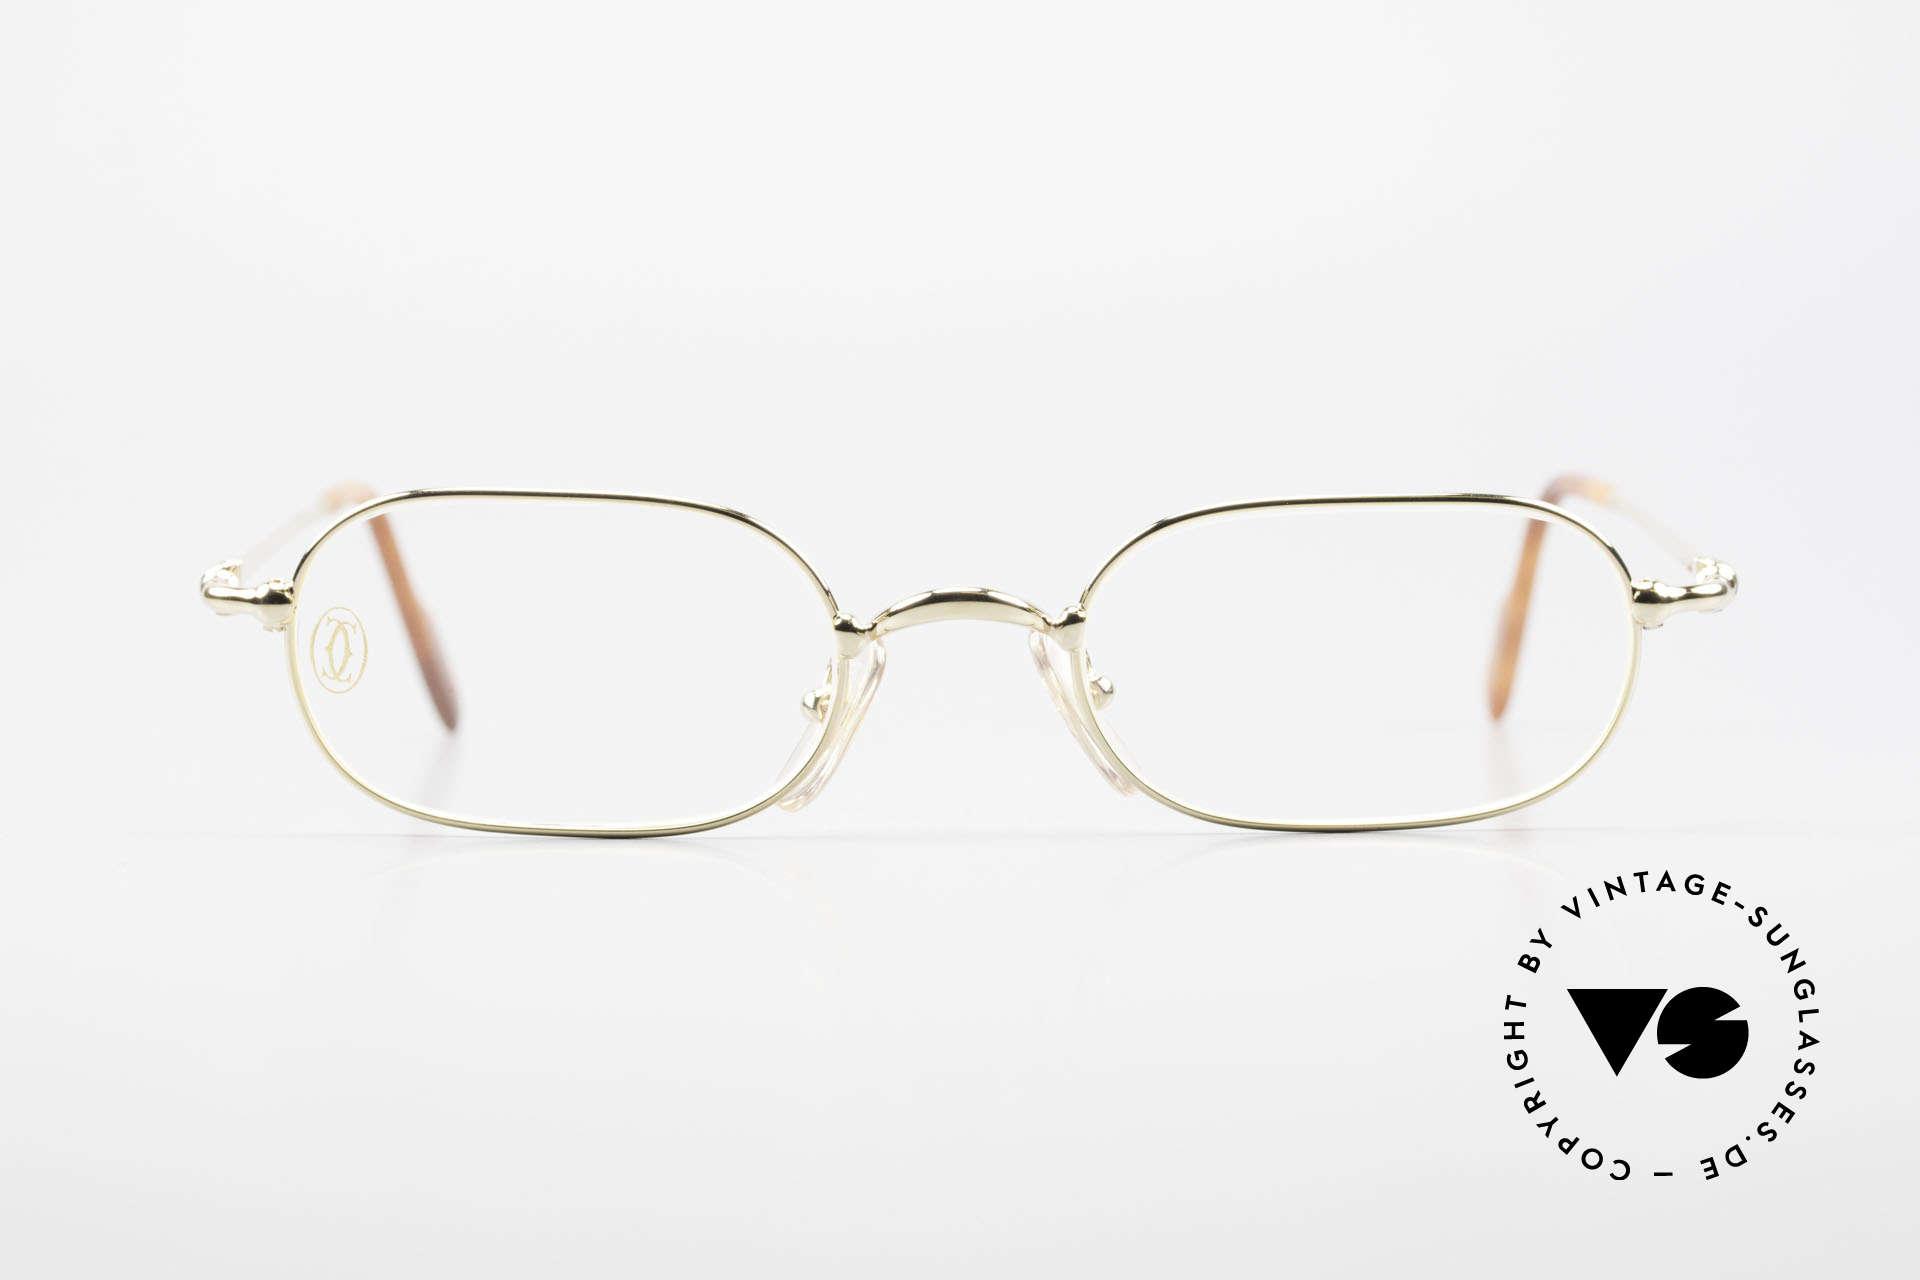 Cartier Orfy 90er Luxusbrille Eckig Unisex, ORFY = Modell aus der Cartier 'Thin Rim' Collection, Passend für Herren und Damen